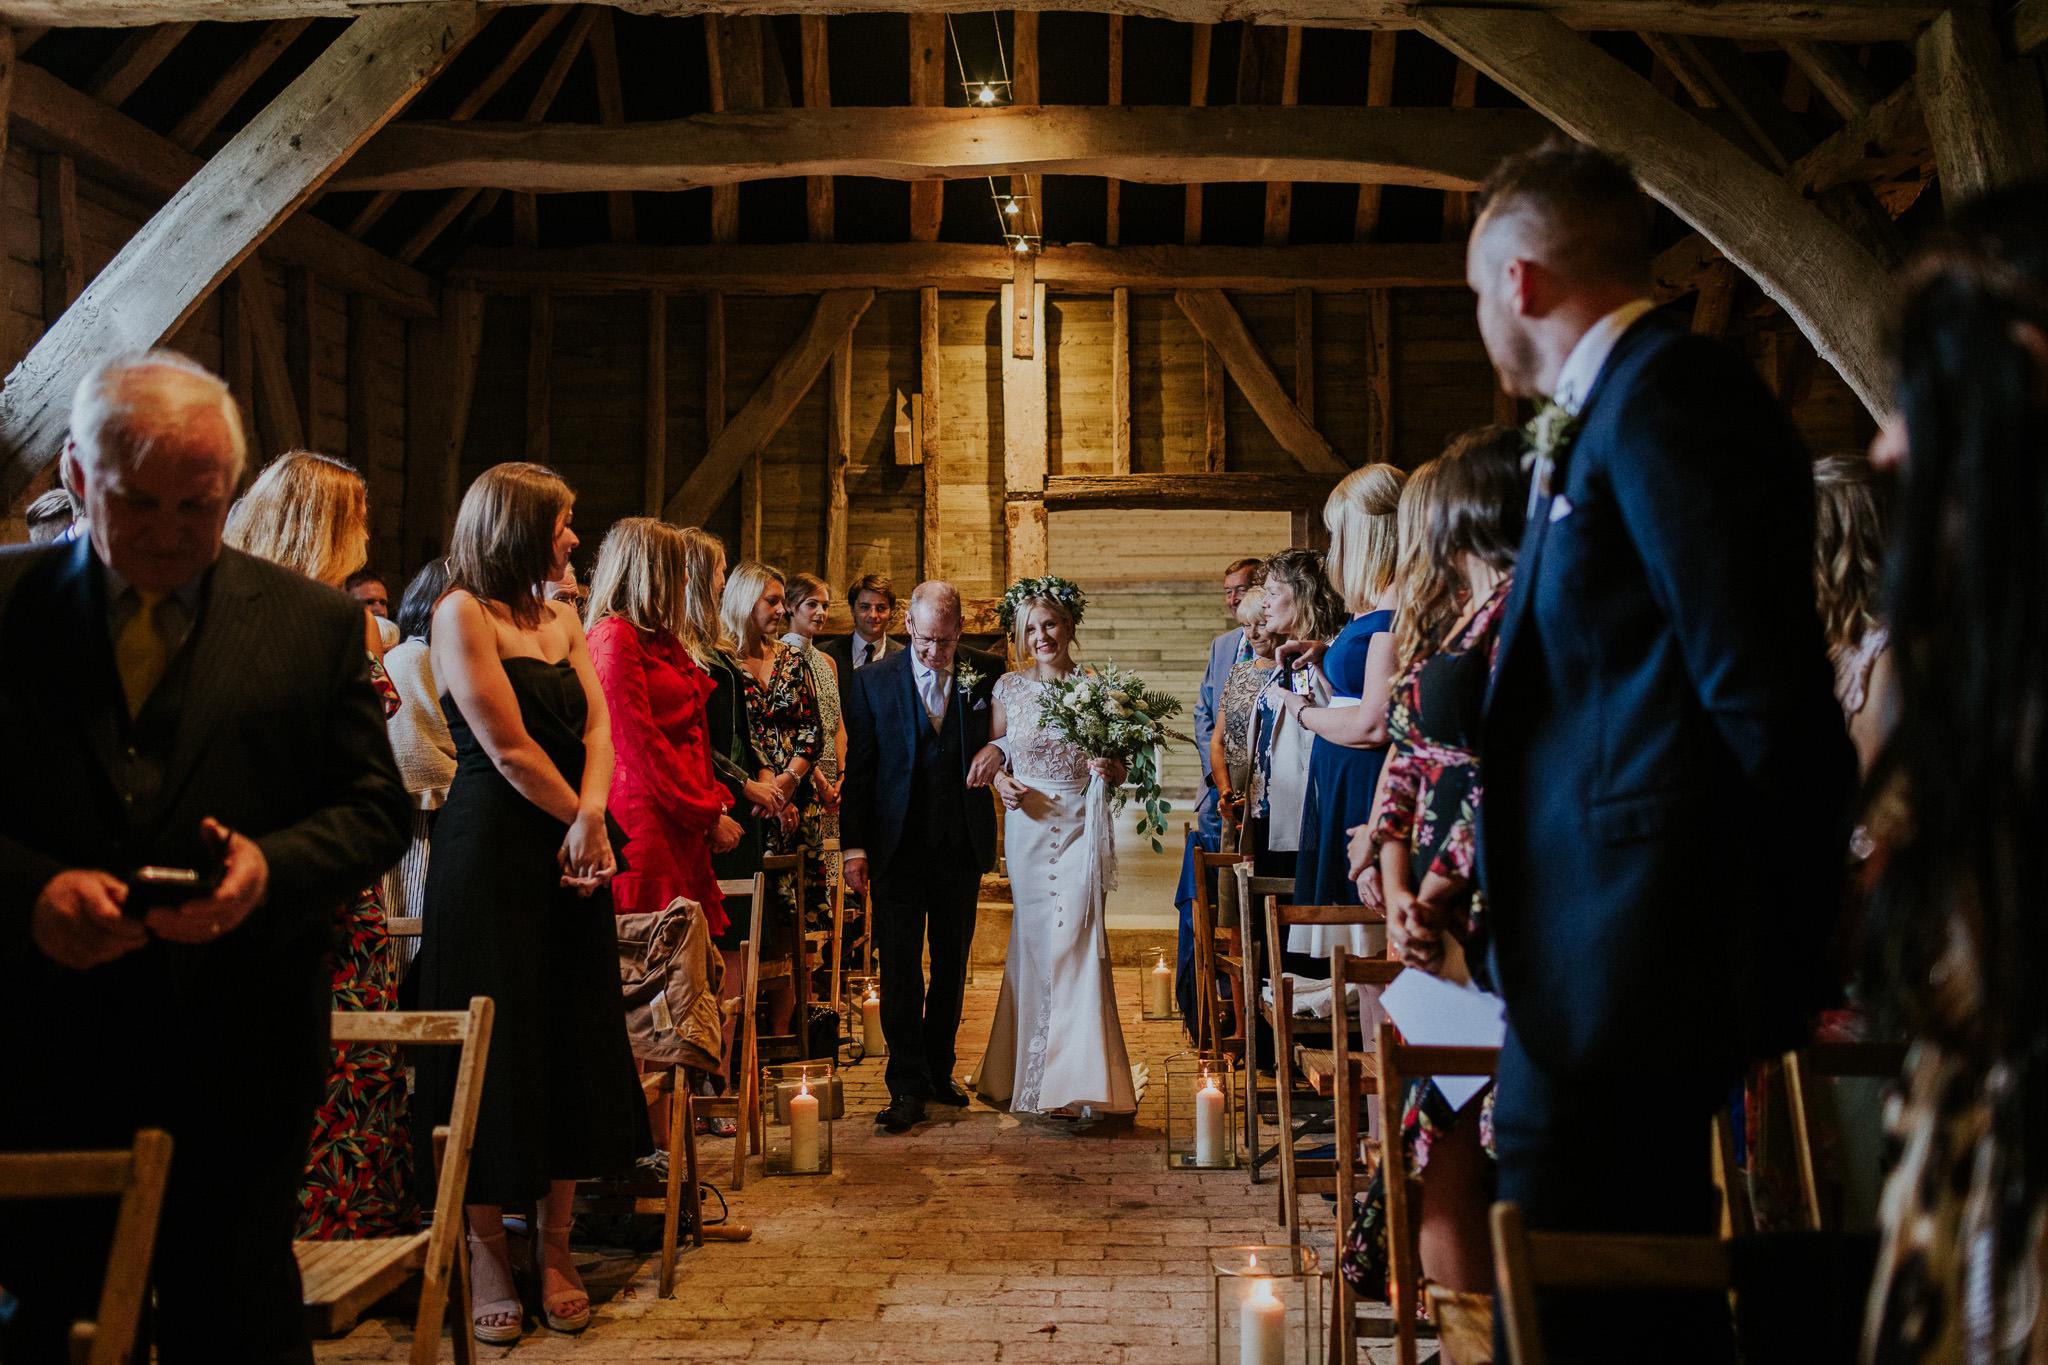 BillinghurstFarmwedding-65.jpg